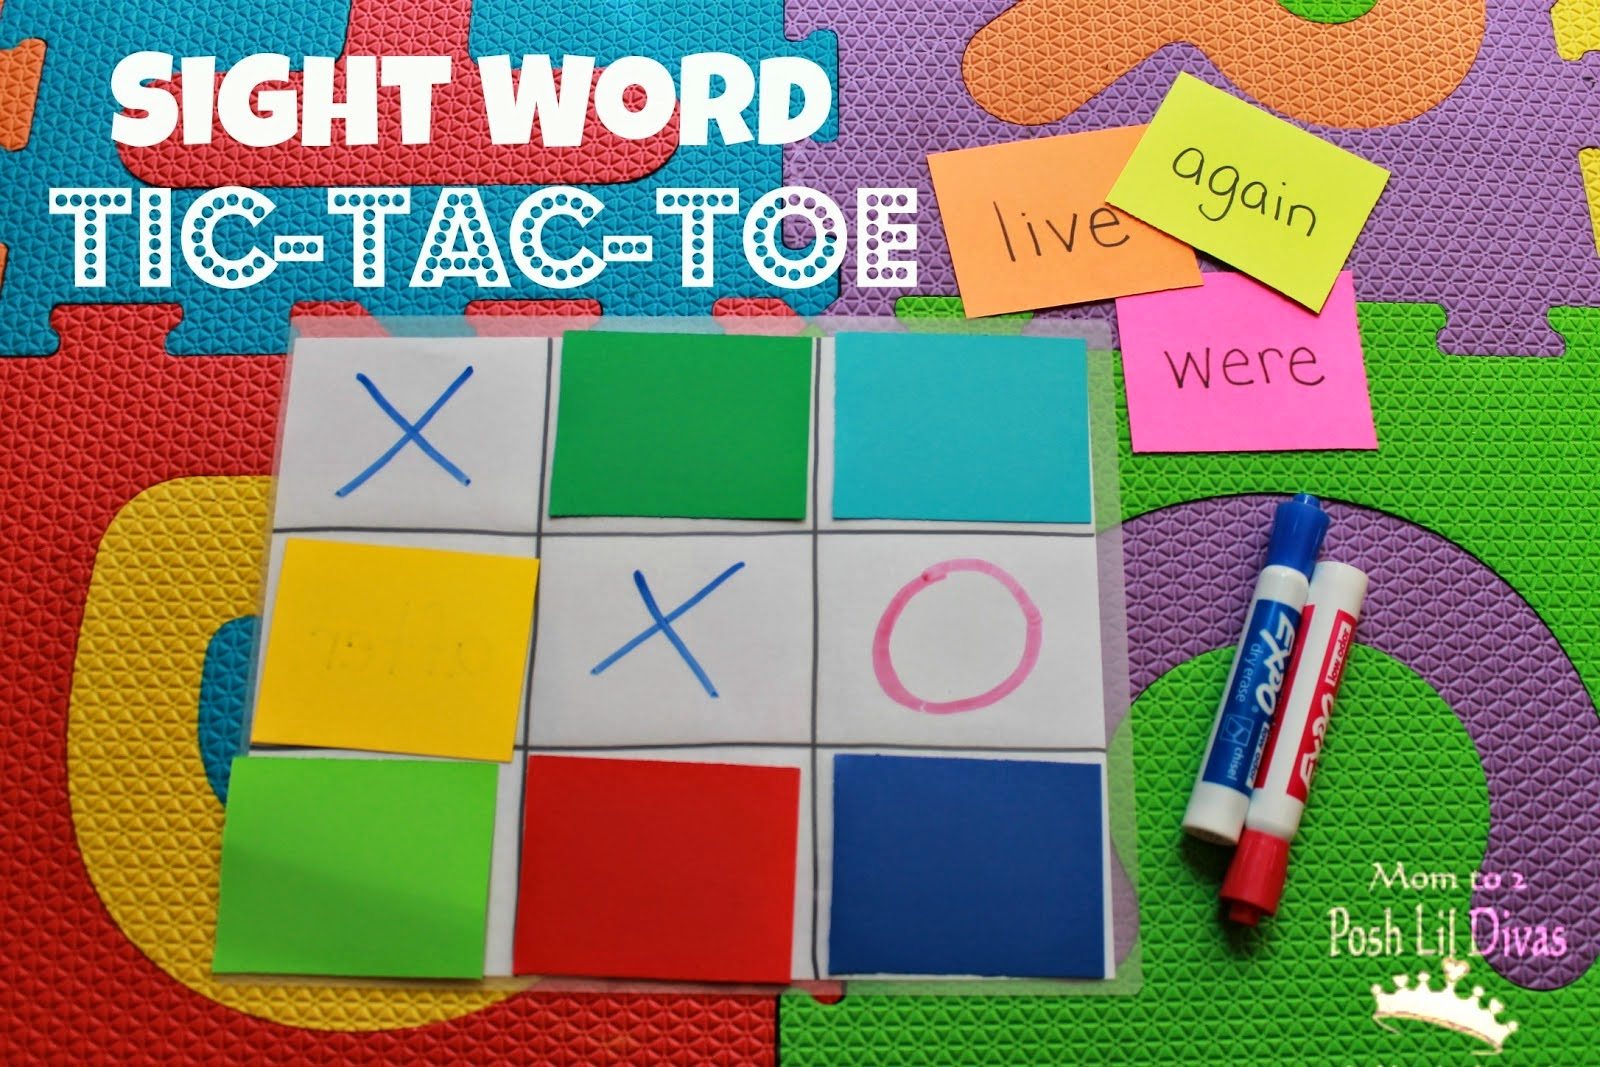 sight word tic tac toe pdf